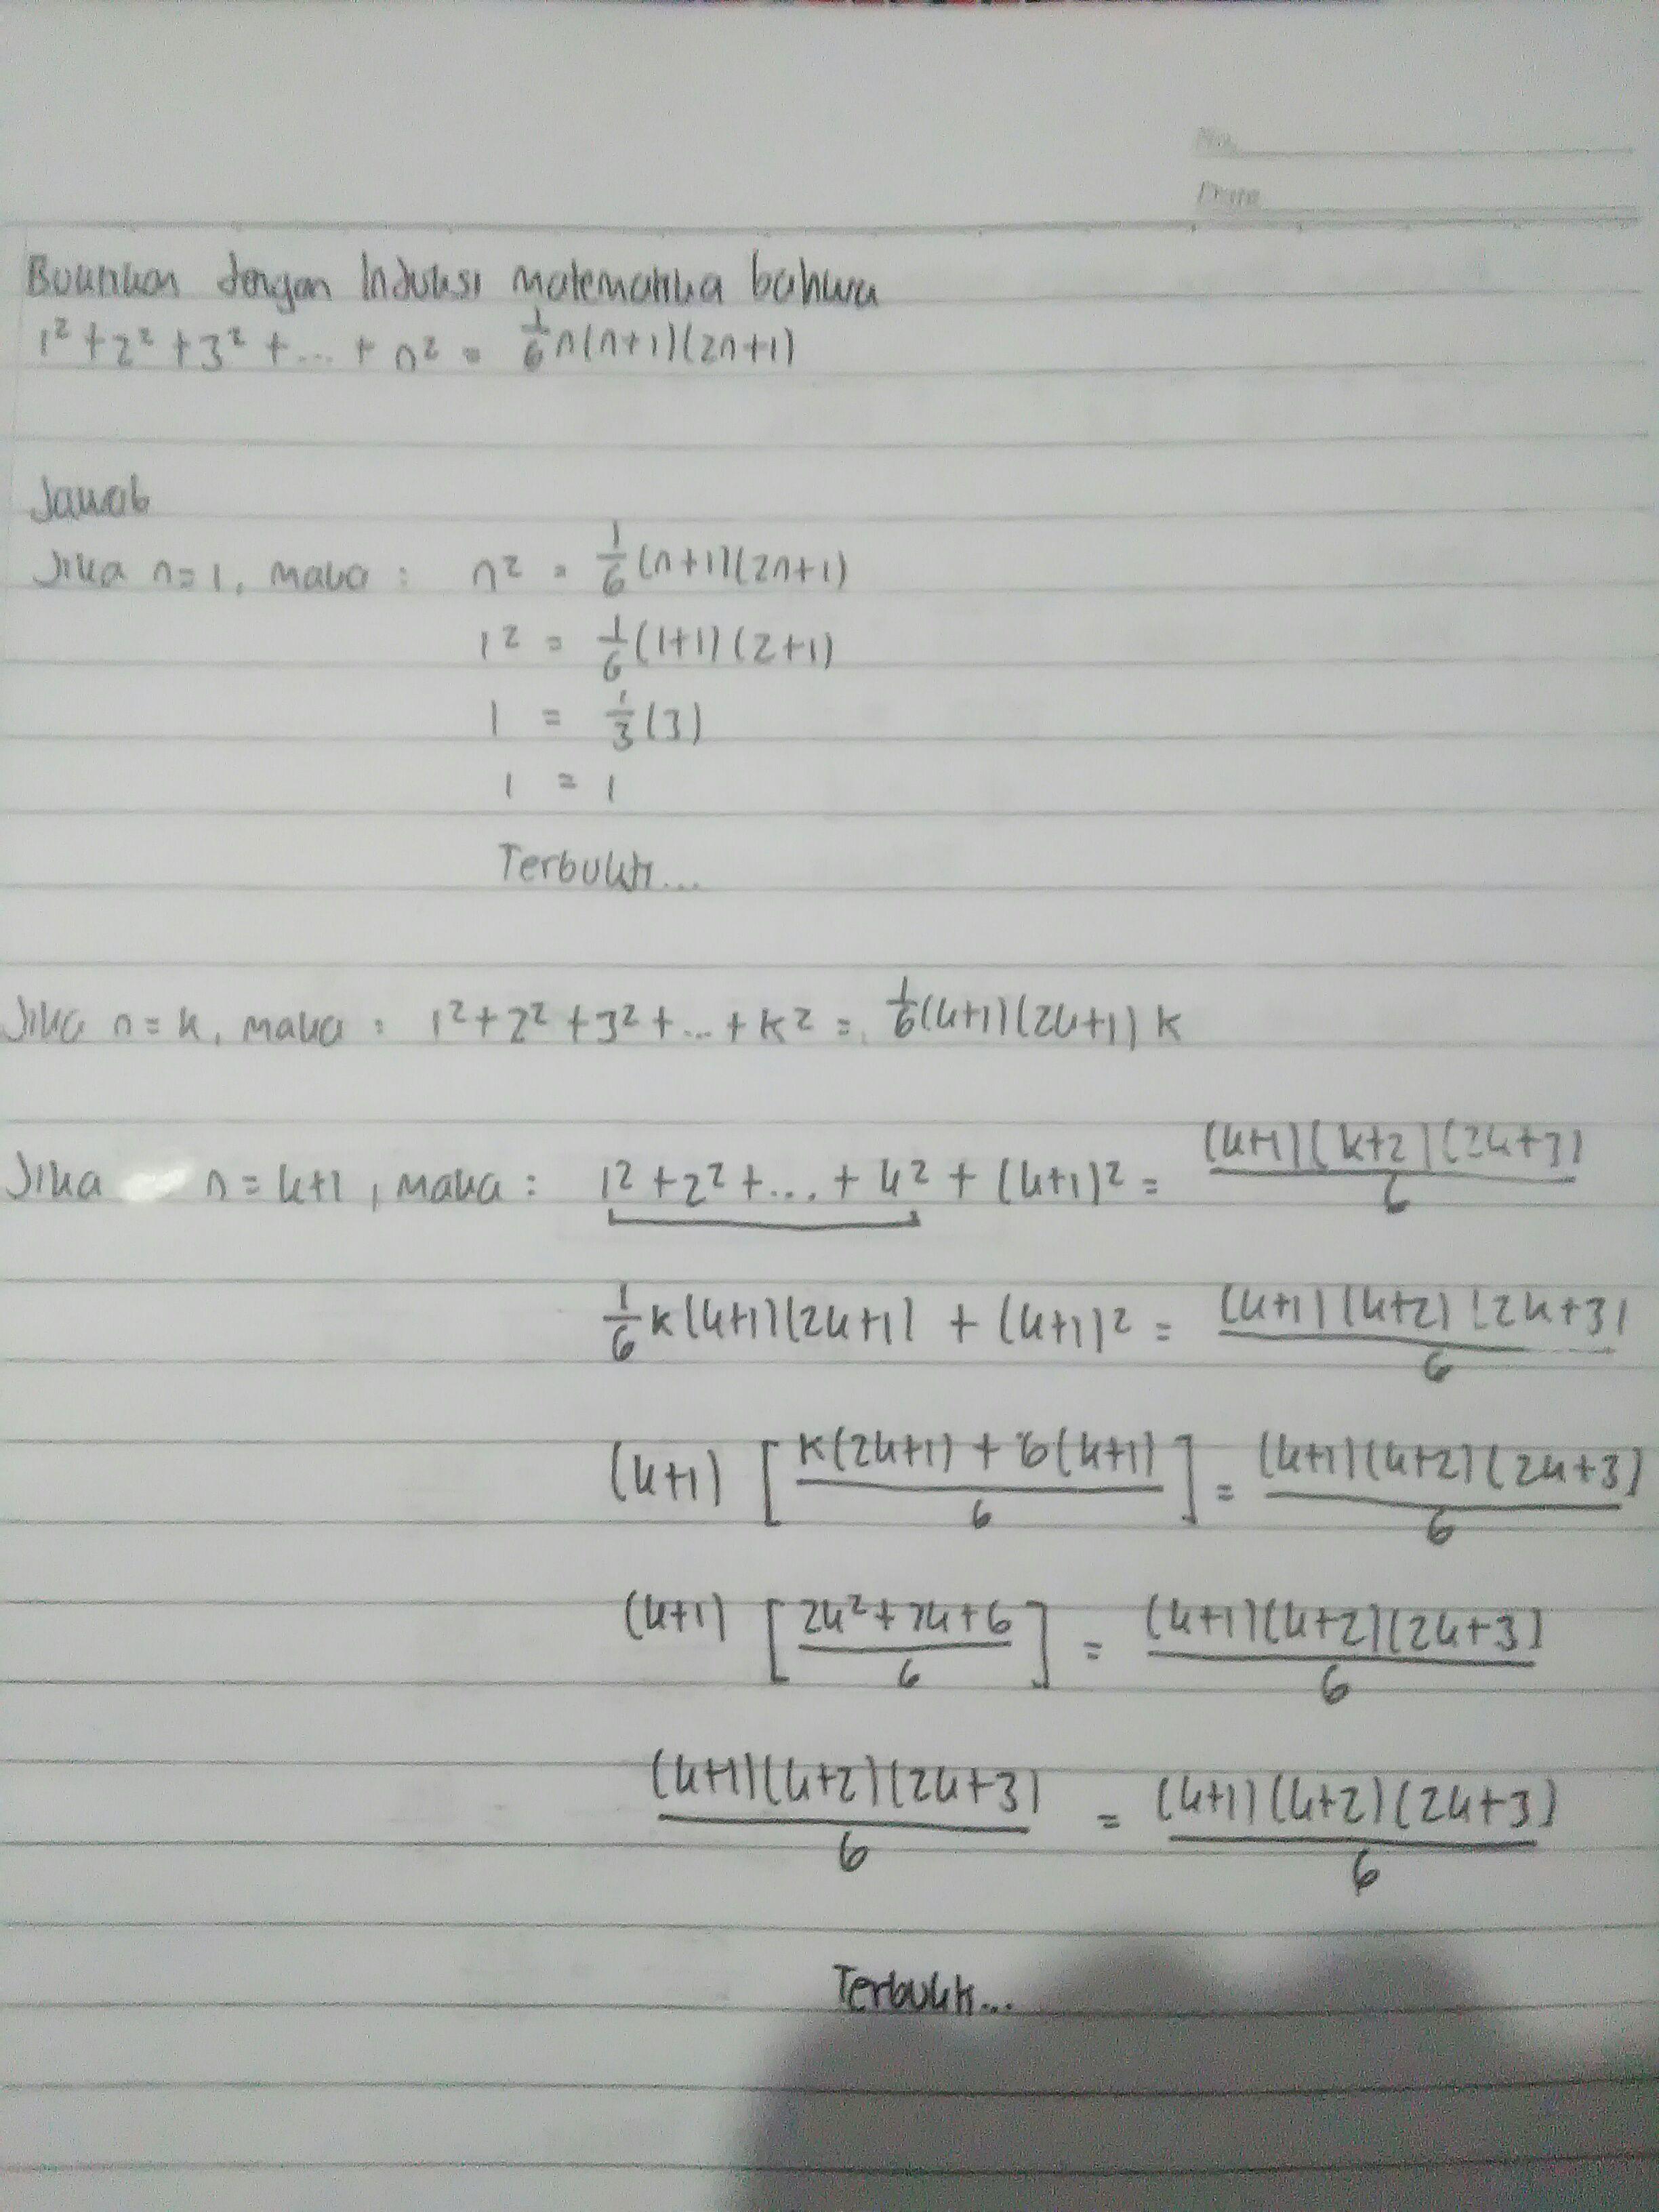 Contoh Soal Induksi Matematika Kelas 11 Beserta Jawabannya : contoh, induksi, matematika, kelas, beserta, jawabannya, Berikan, Contoh, Pembahasan, Tentang, Induksi, Matematuka, Brainly.co.id